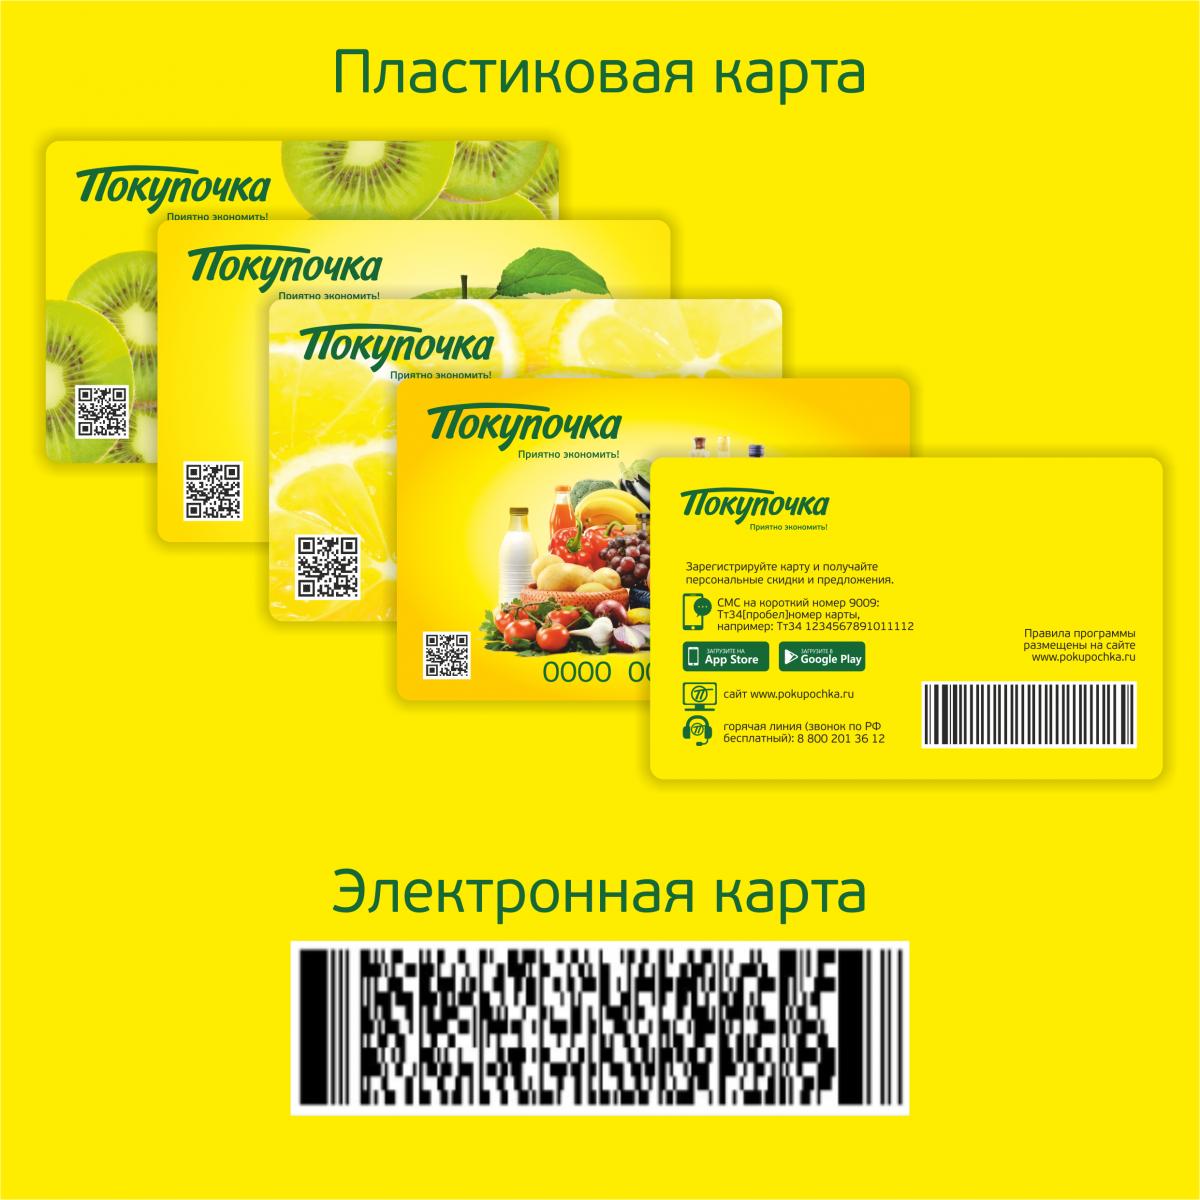 Карта Покупочка: преимущества, регистрация, использование